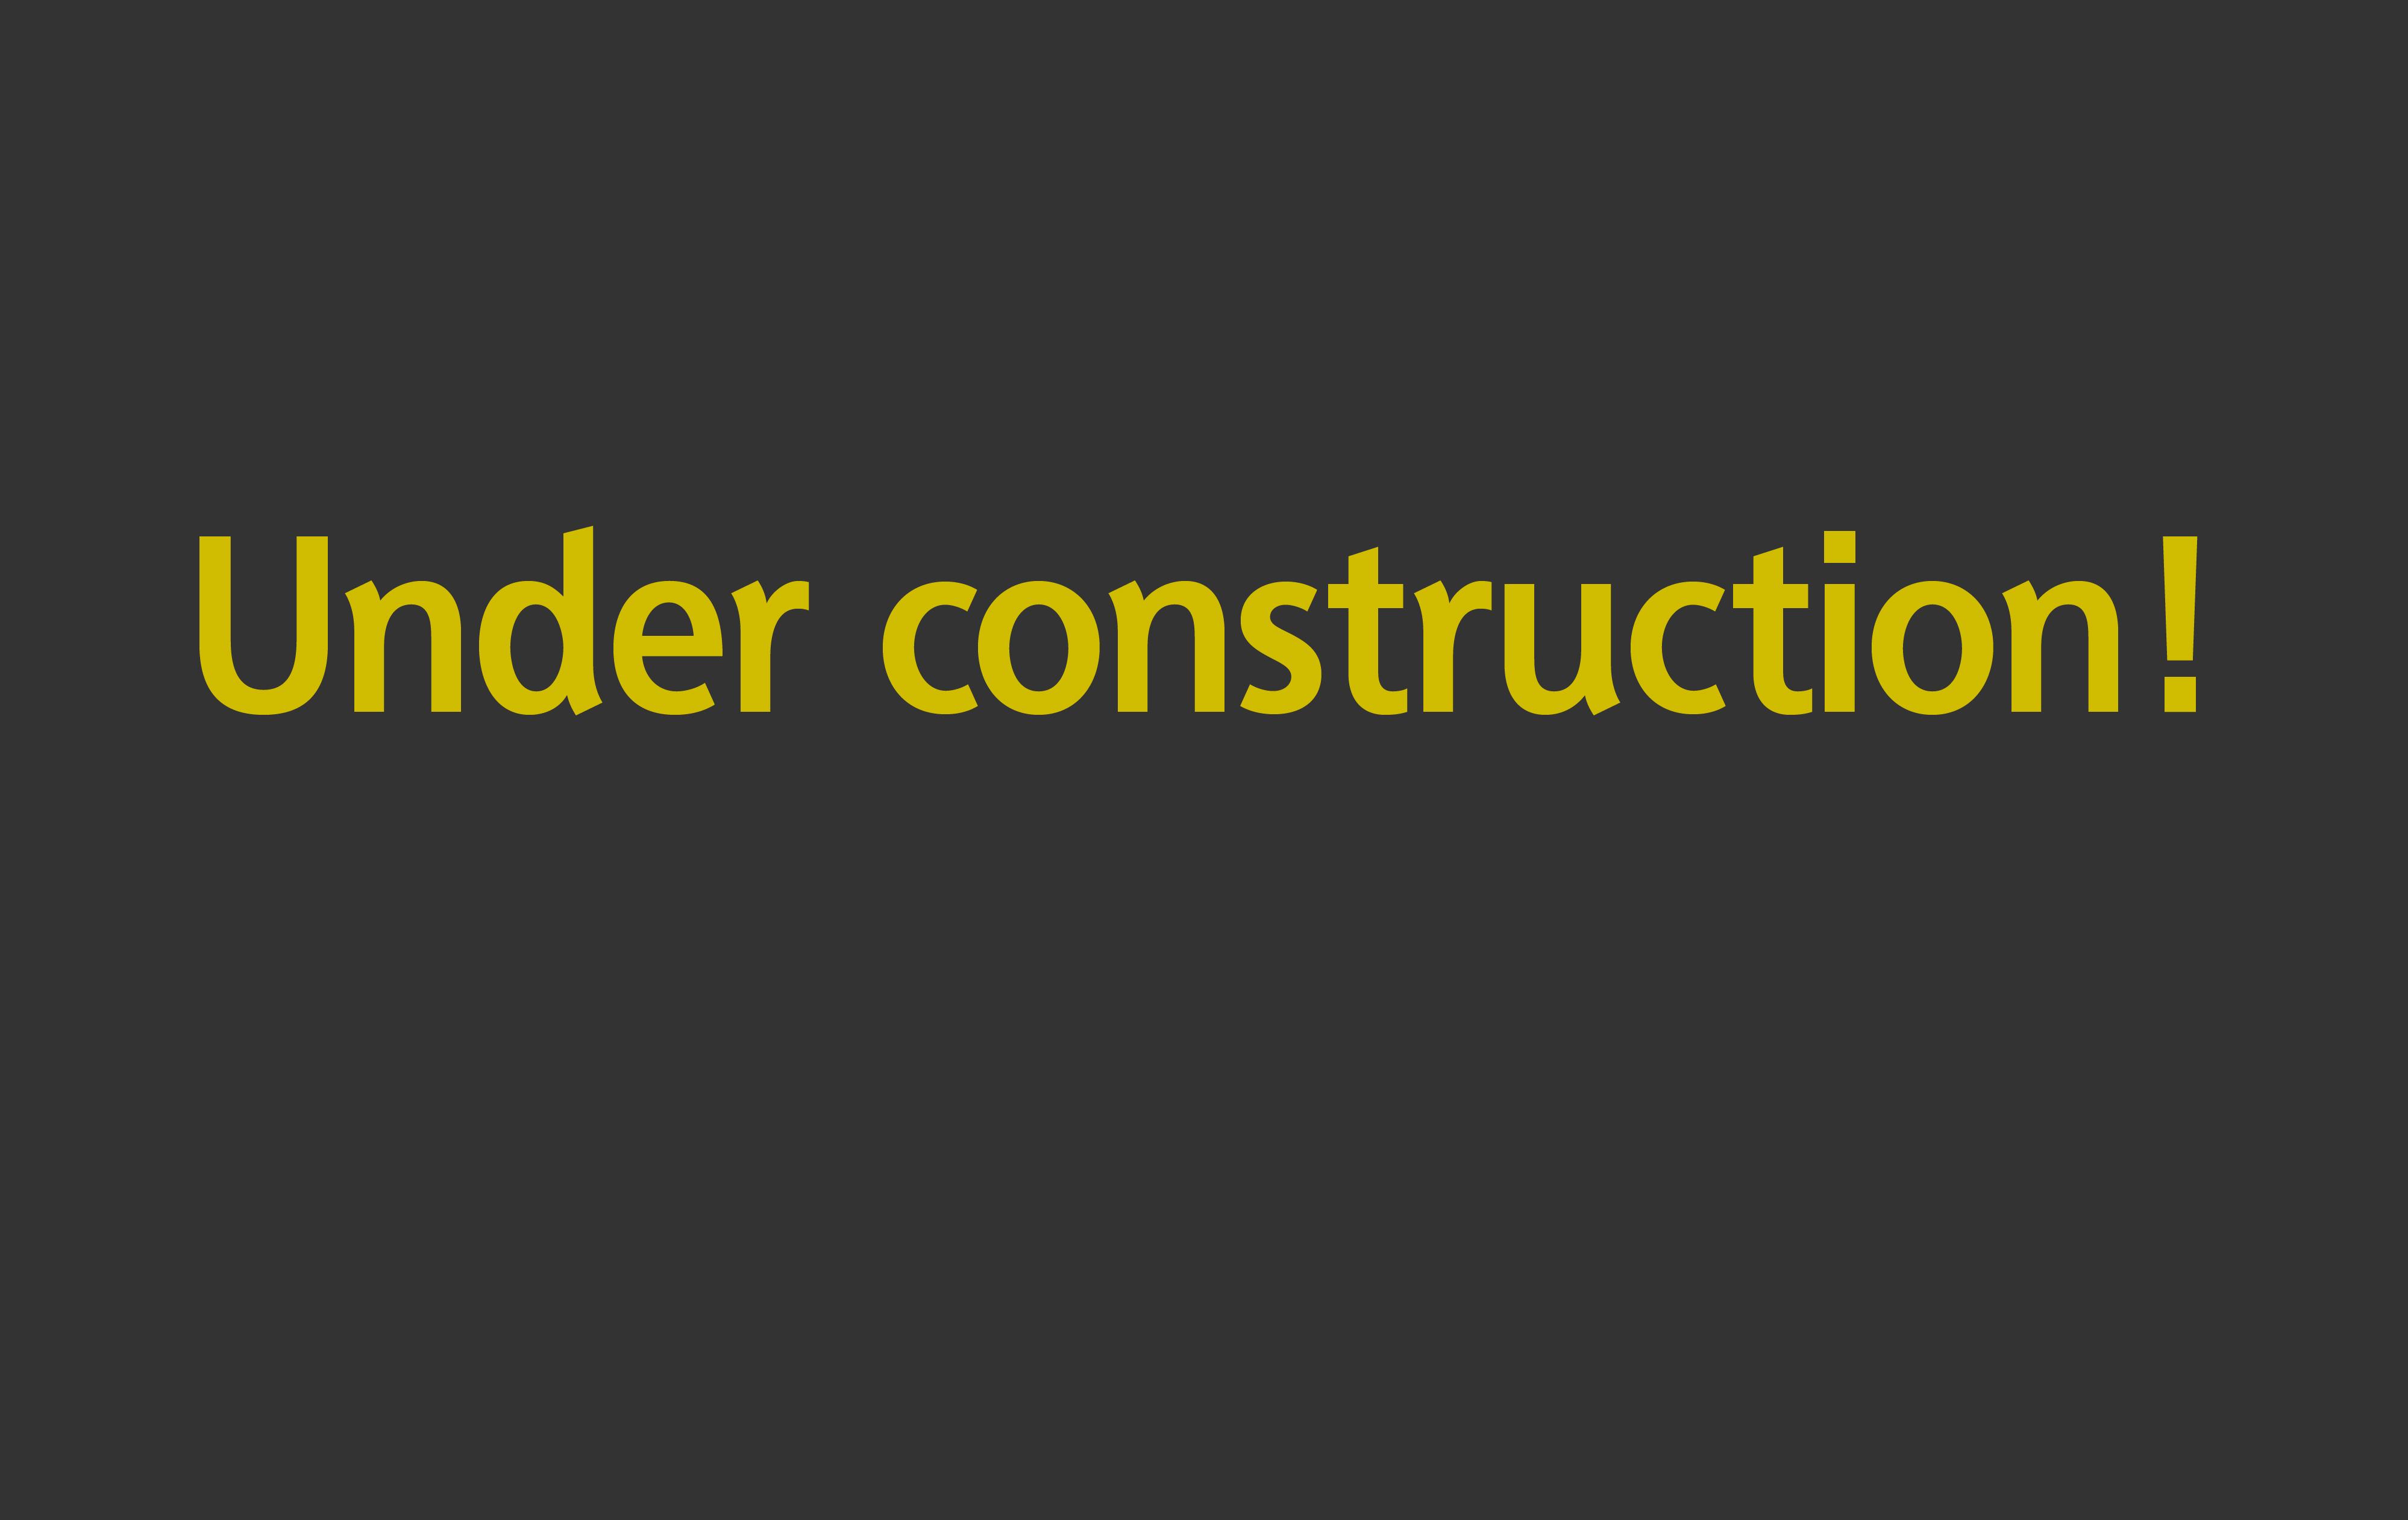 hattenbach_under construction-04